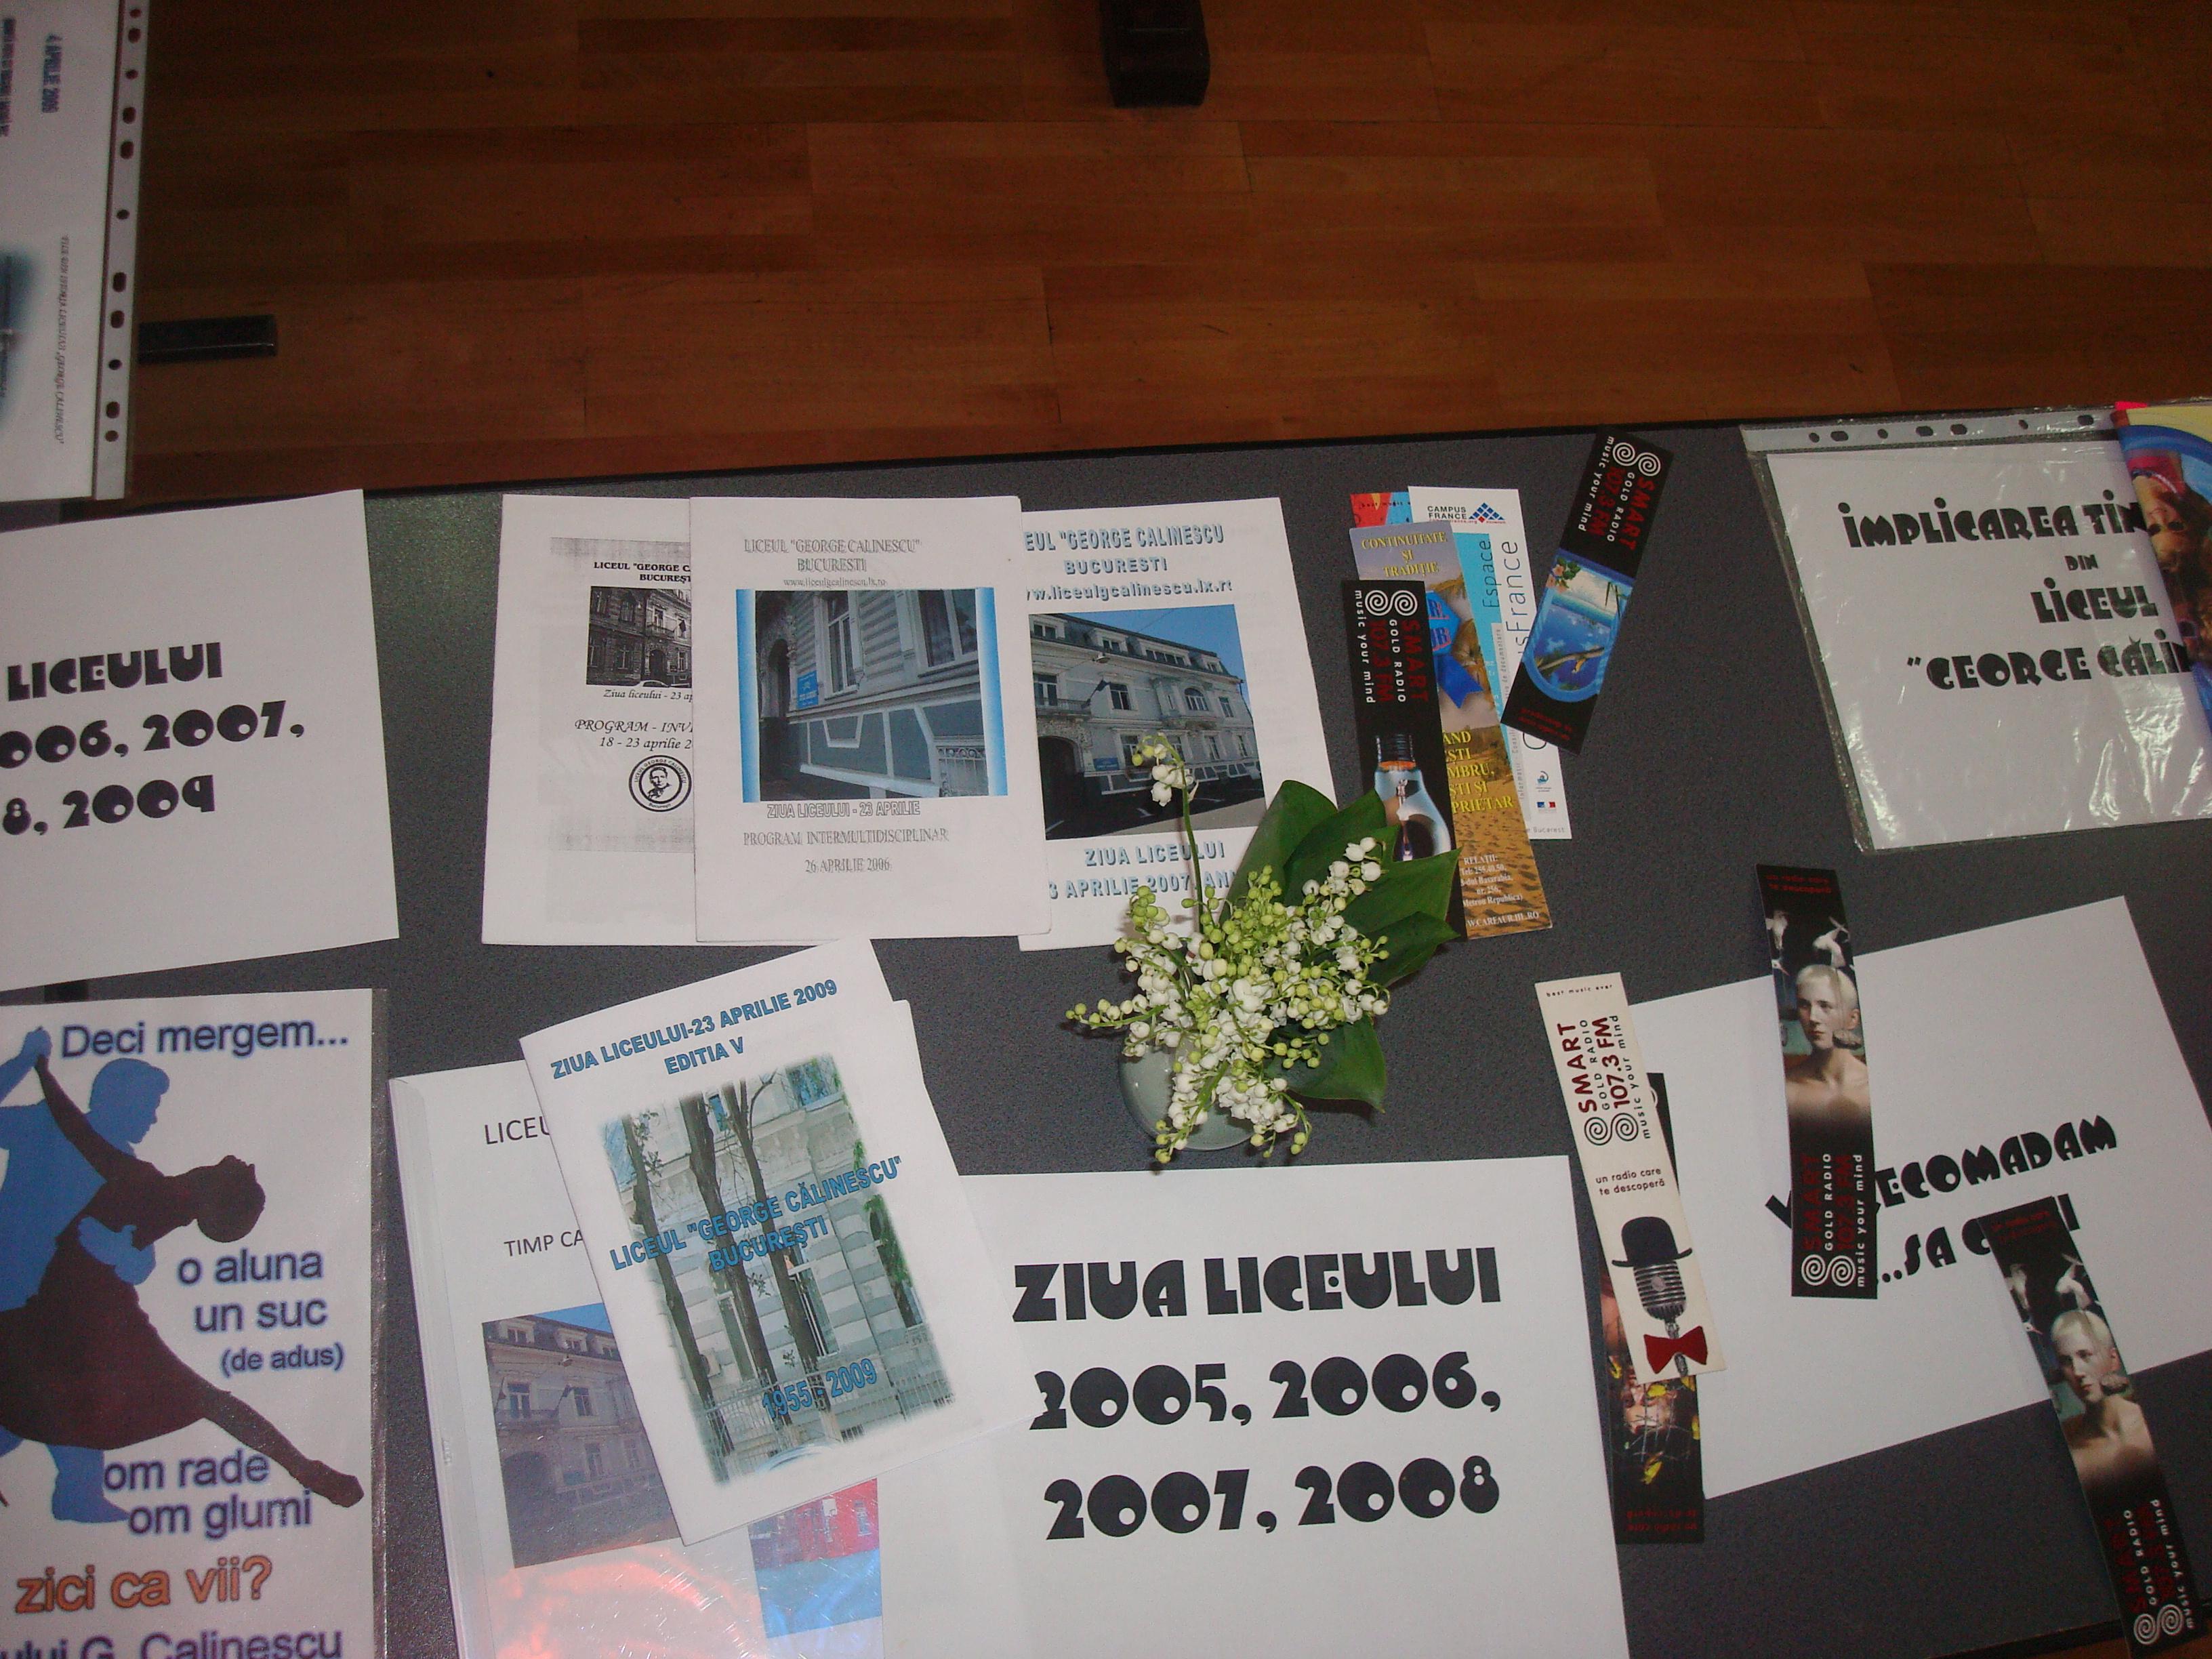 ziua liceului 2009-3